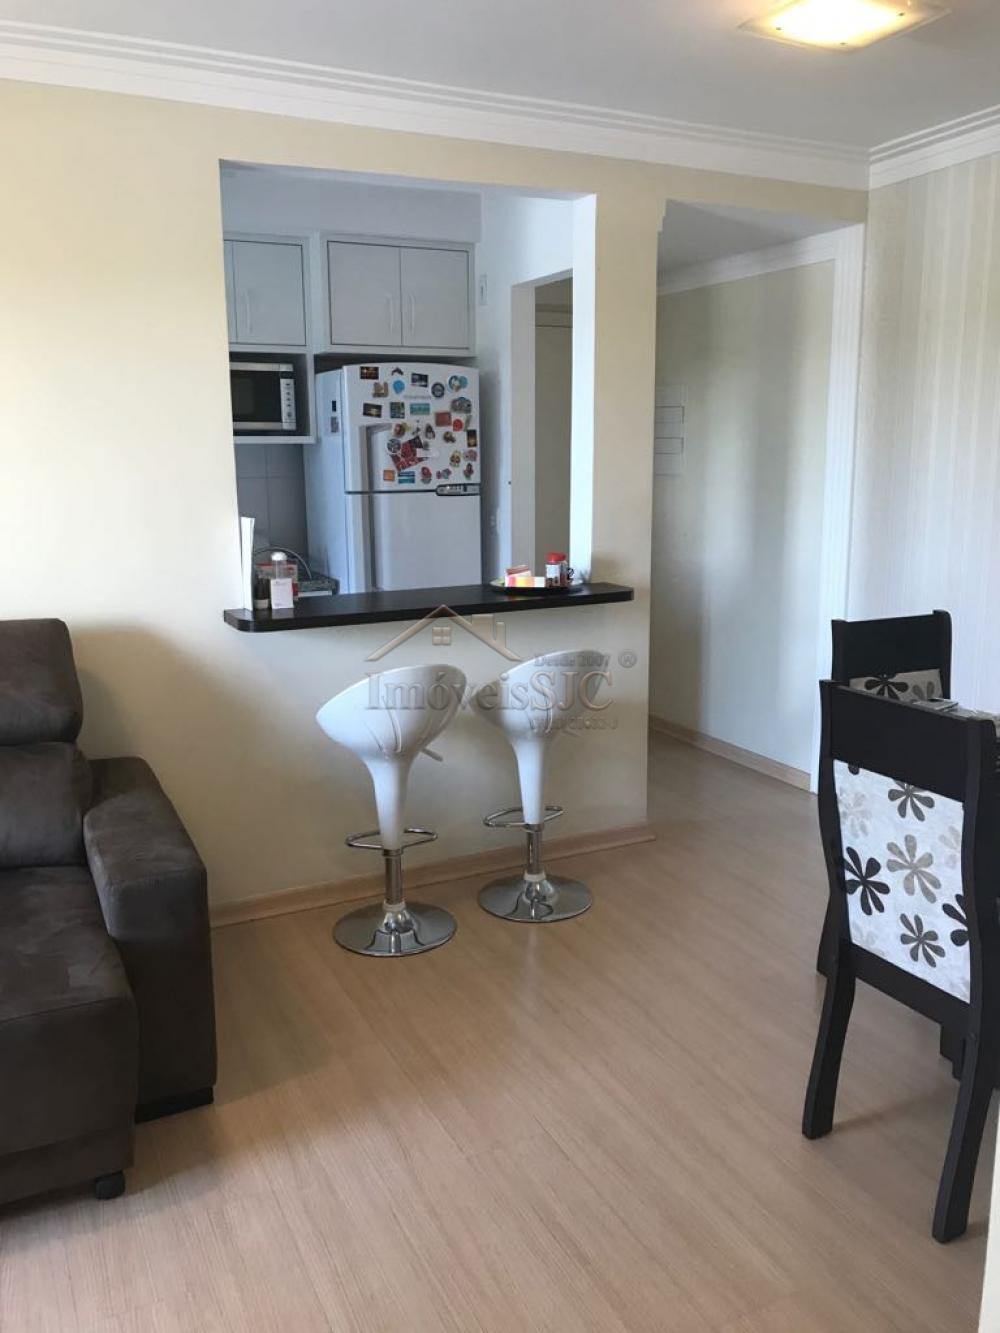 Comprar Apartamentos / Padrão em São José dos Campos apenas R$ 218.000,00 - Foto 3